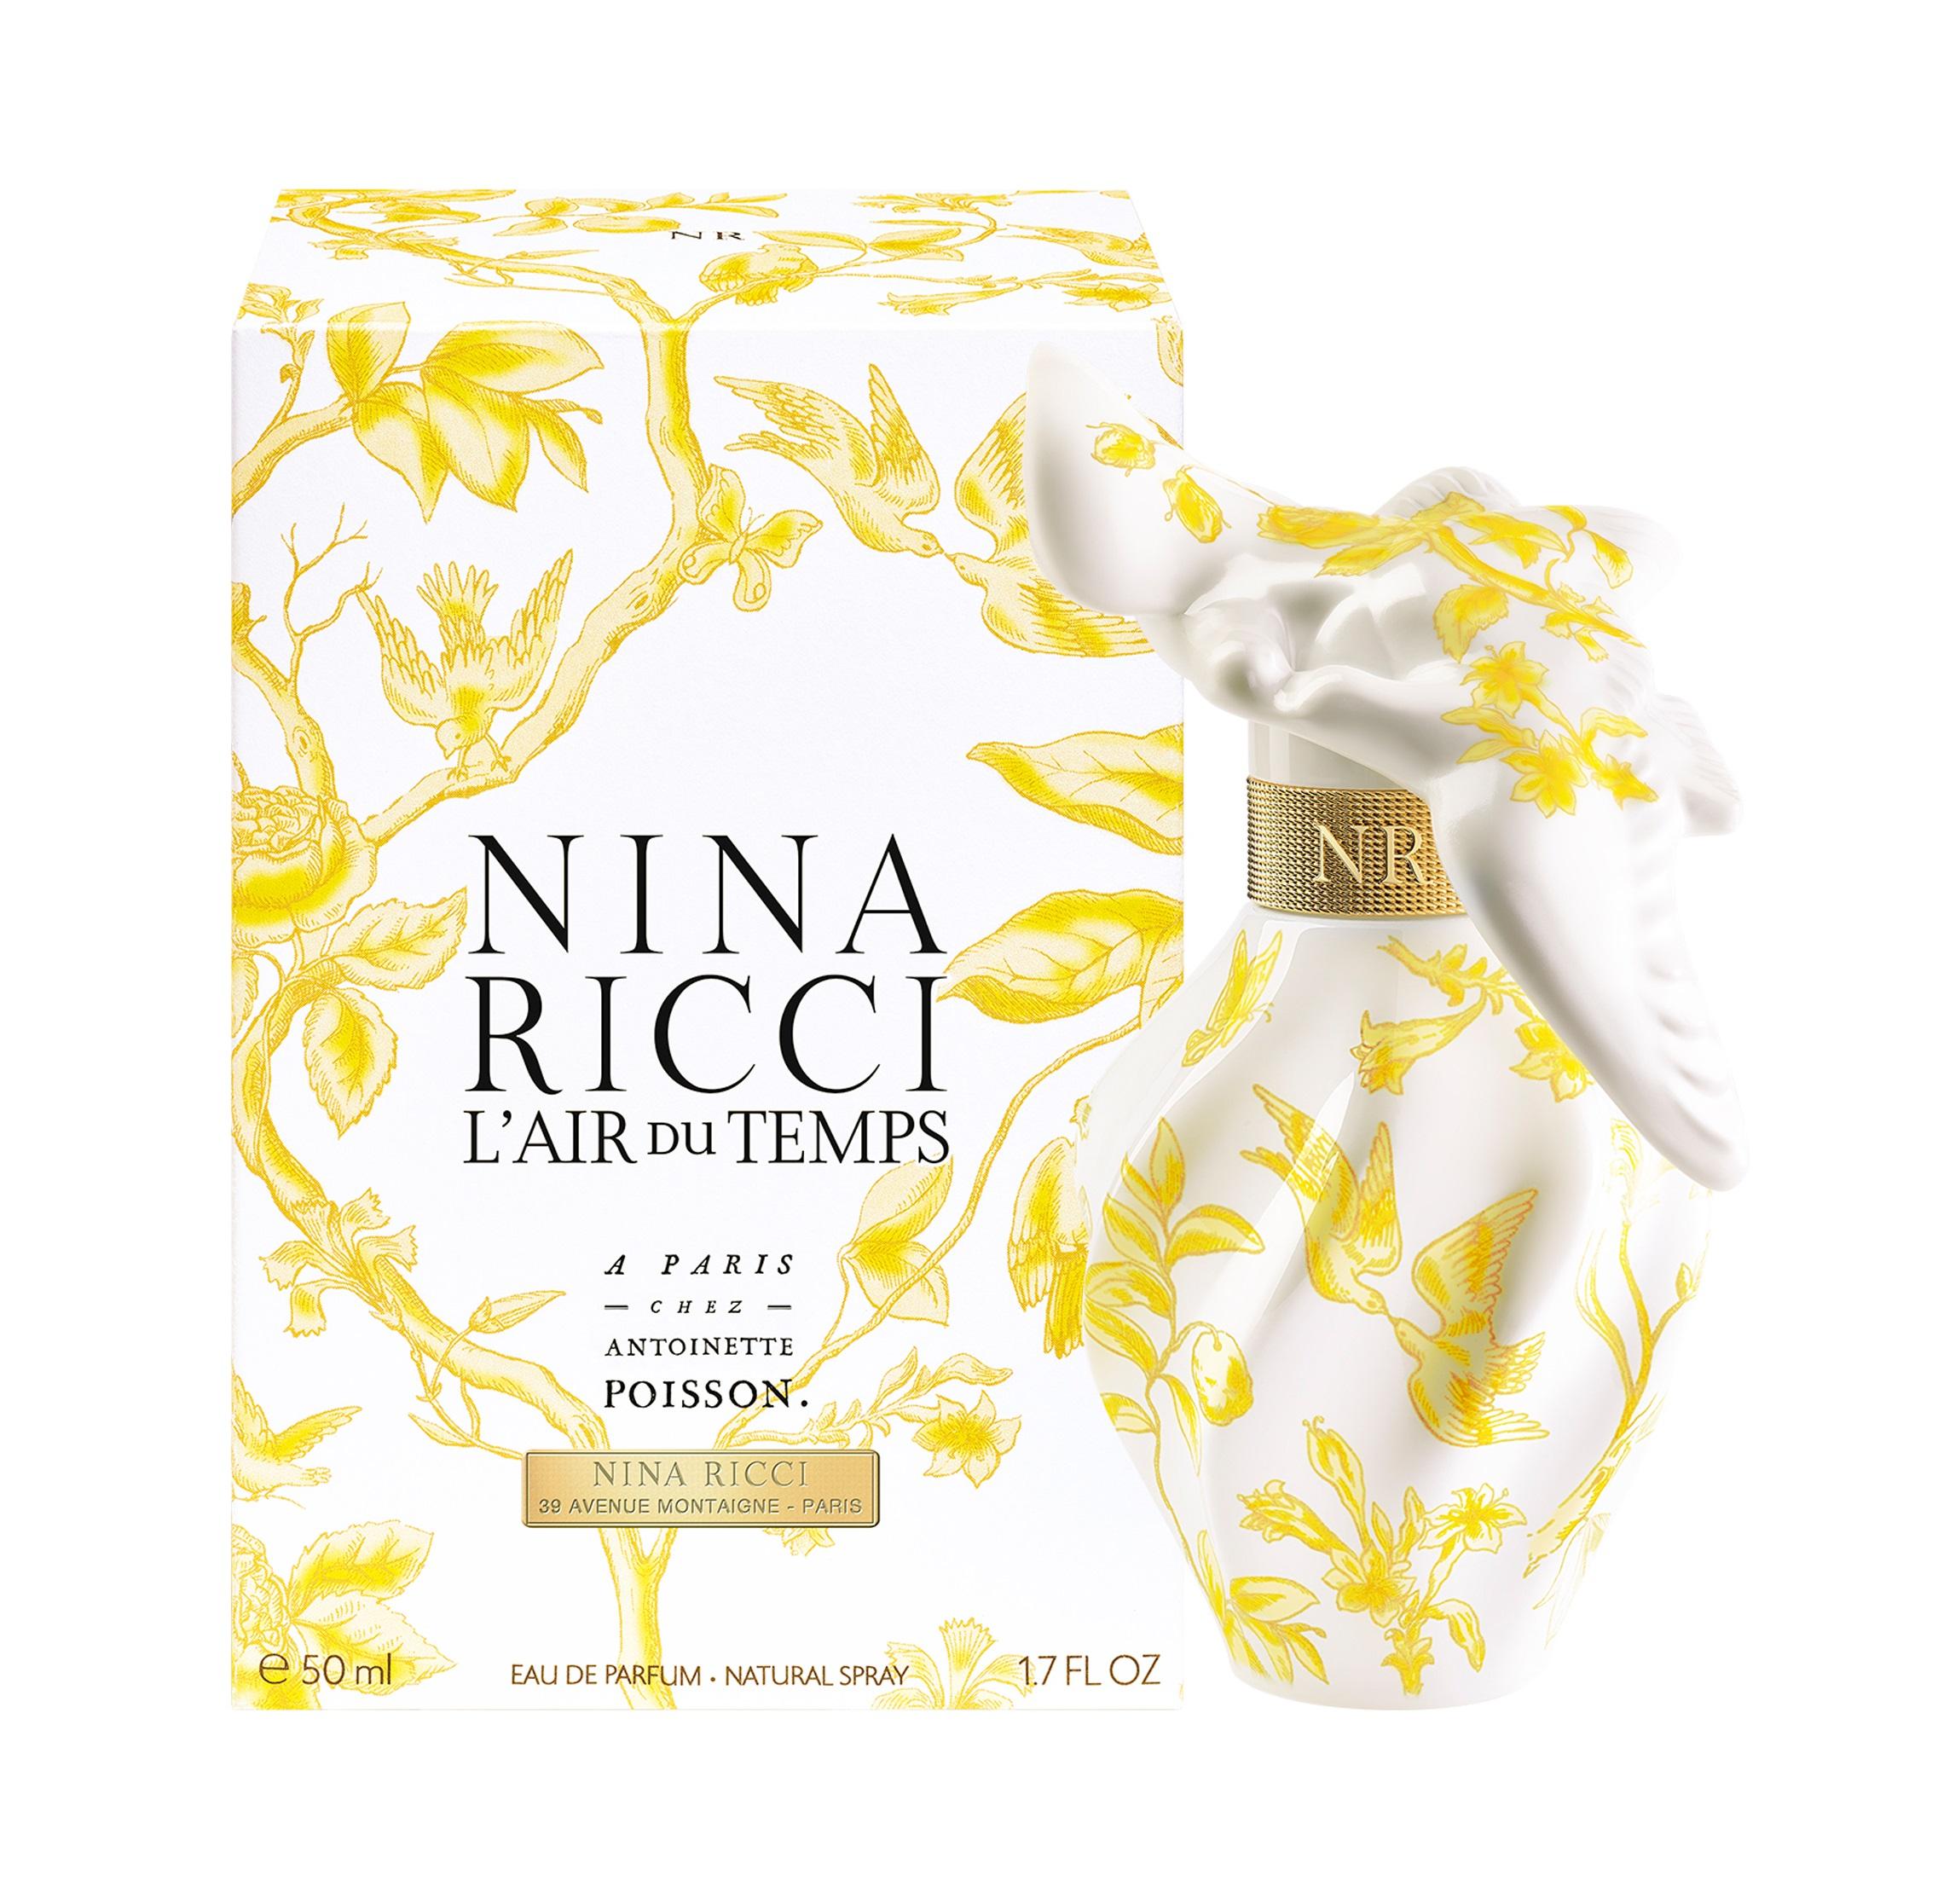 Nina Ricci L'Air du Temps À Paris chez Antoinette Poisson